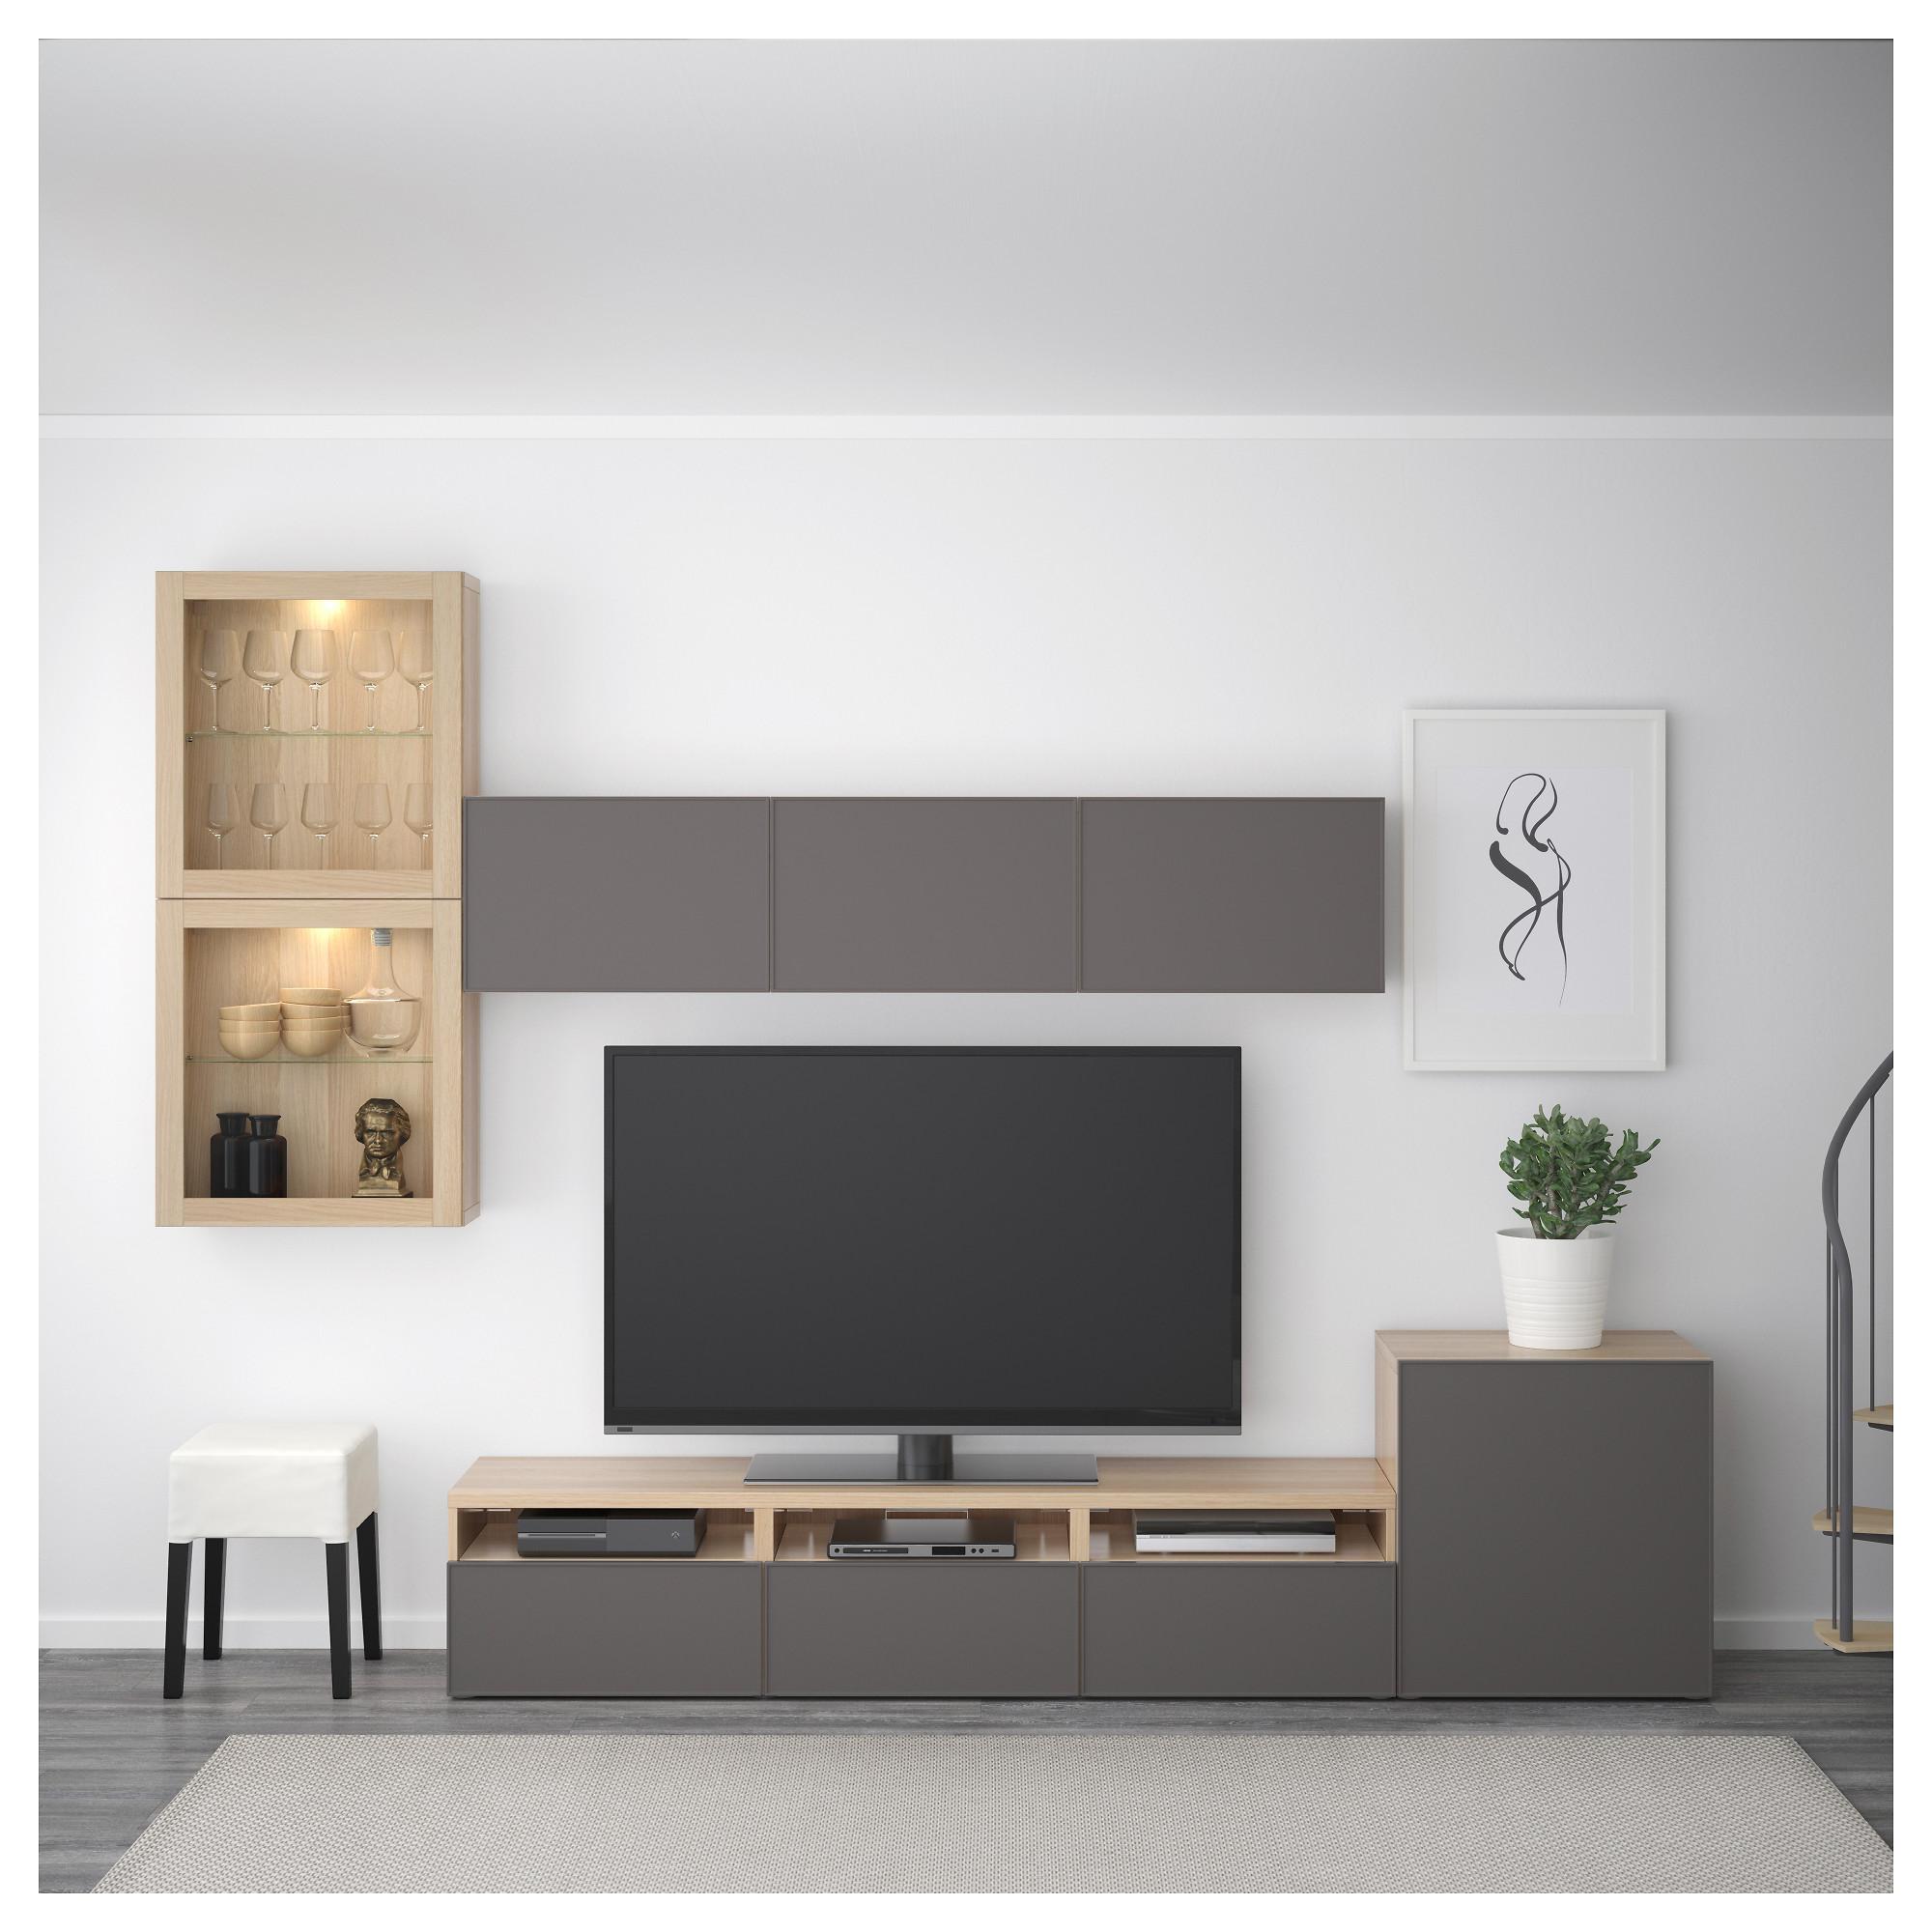 Шкаф для ТВ, комбинированный, стекляные дверцы БЕСТО темно-серый артикуль № 192.522.10 в наличии. Интернет сайт IKEA РБ. Быстрая доставка и монтаж.